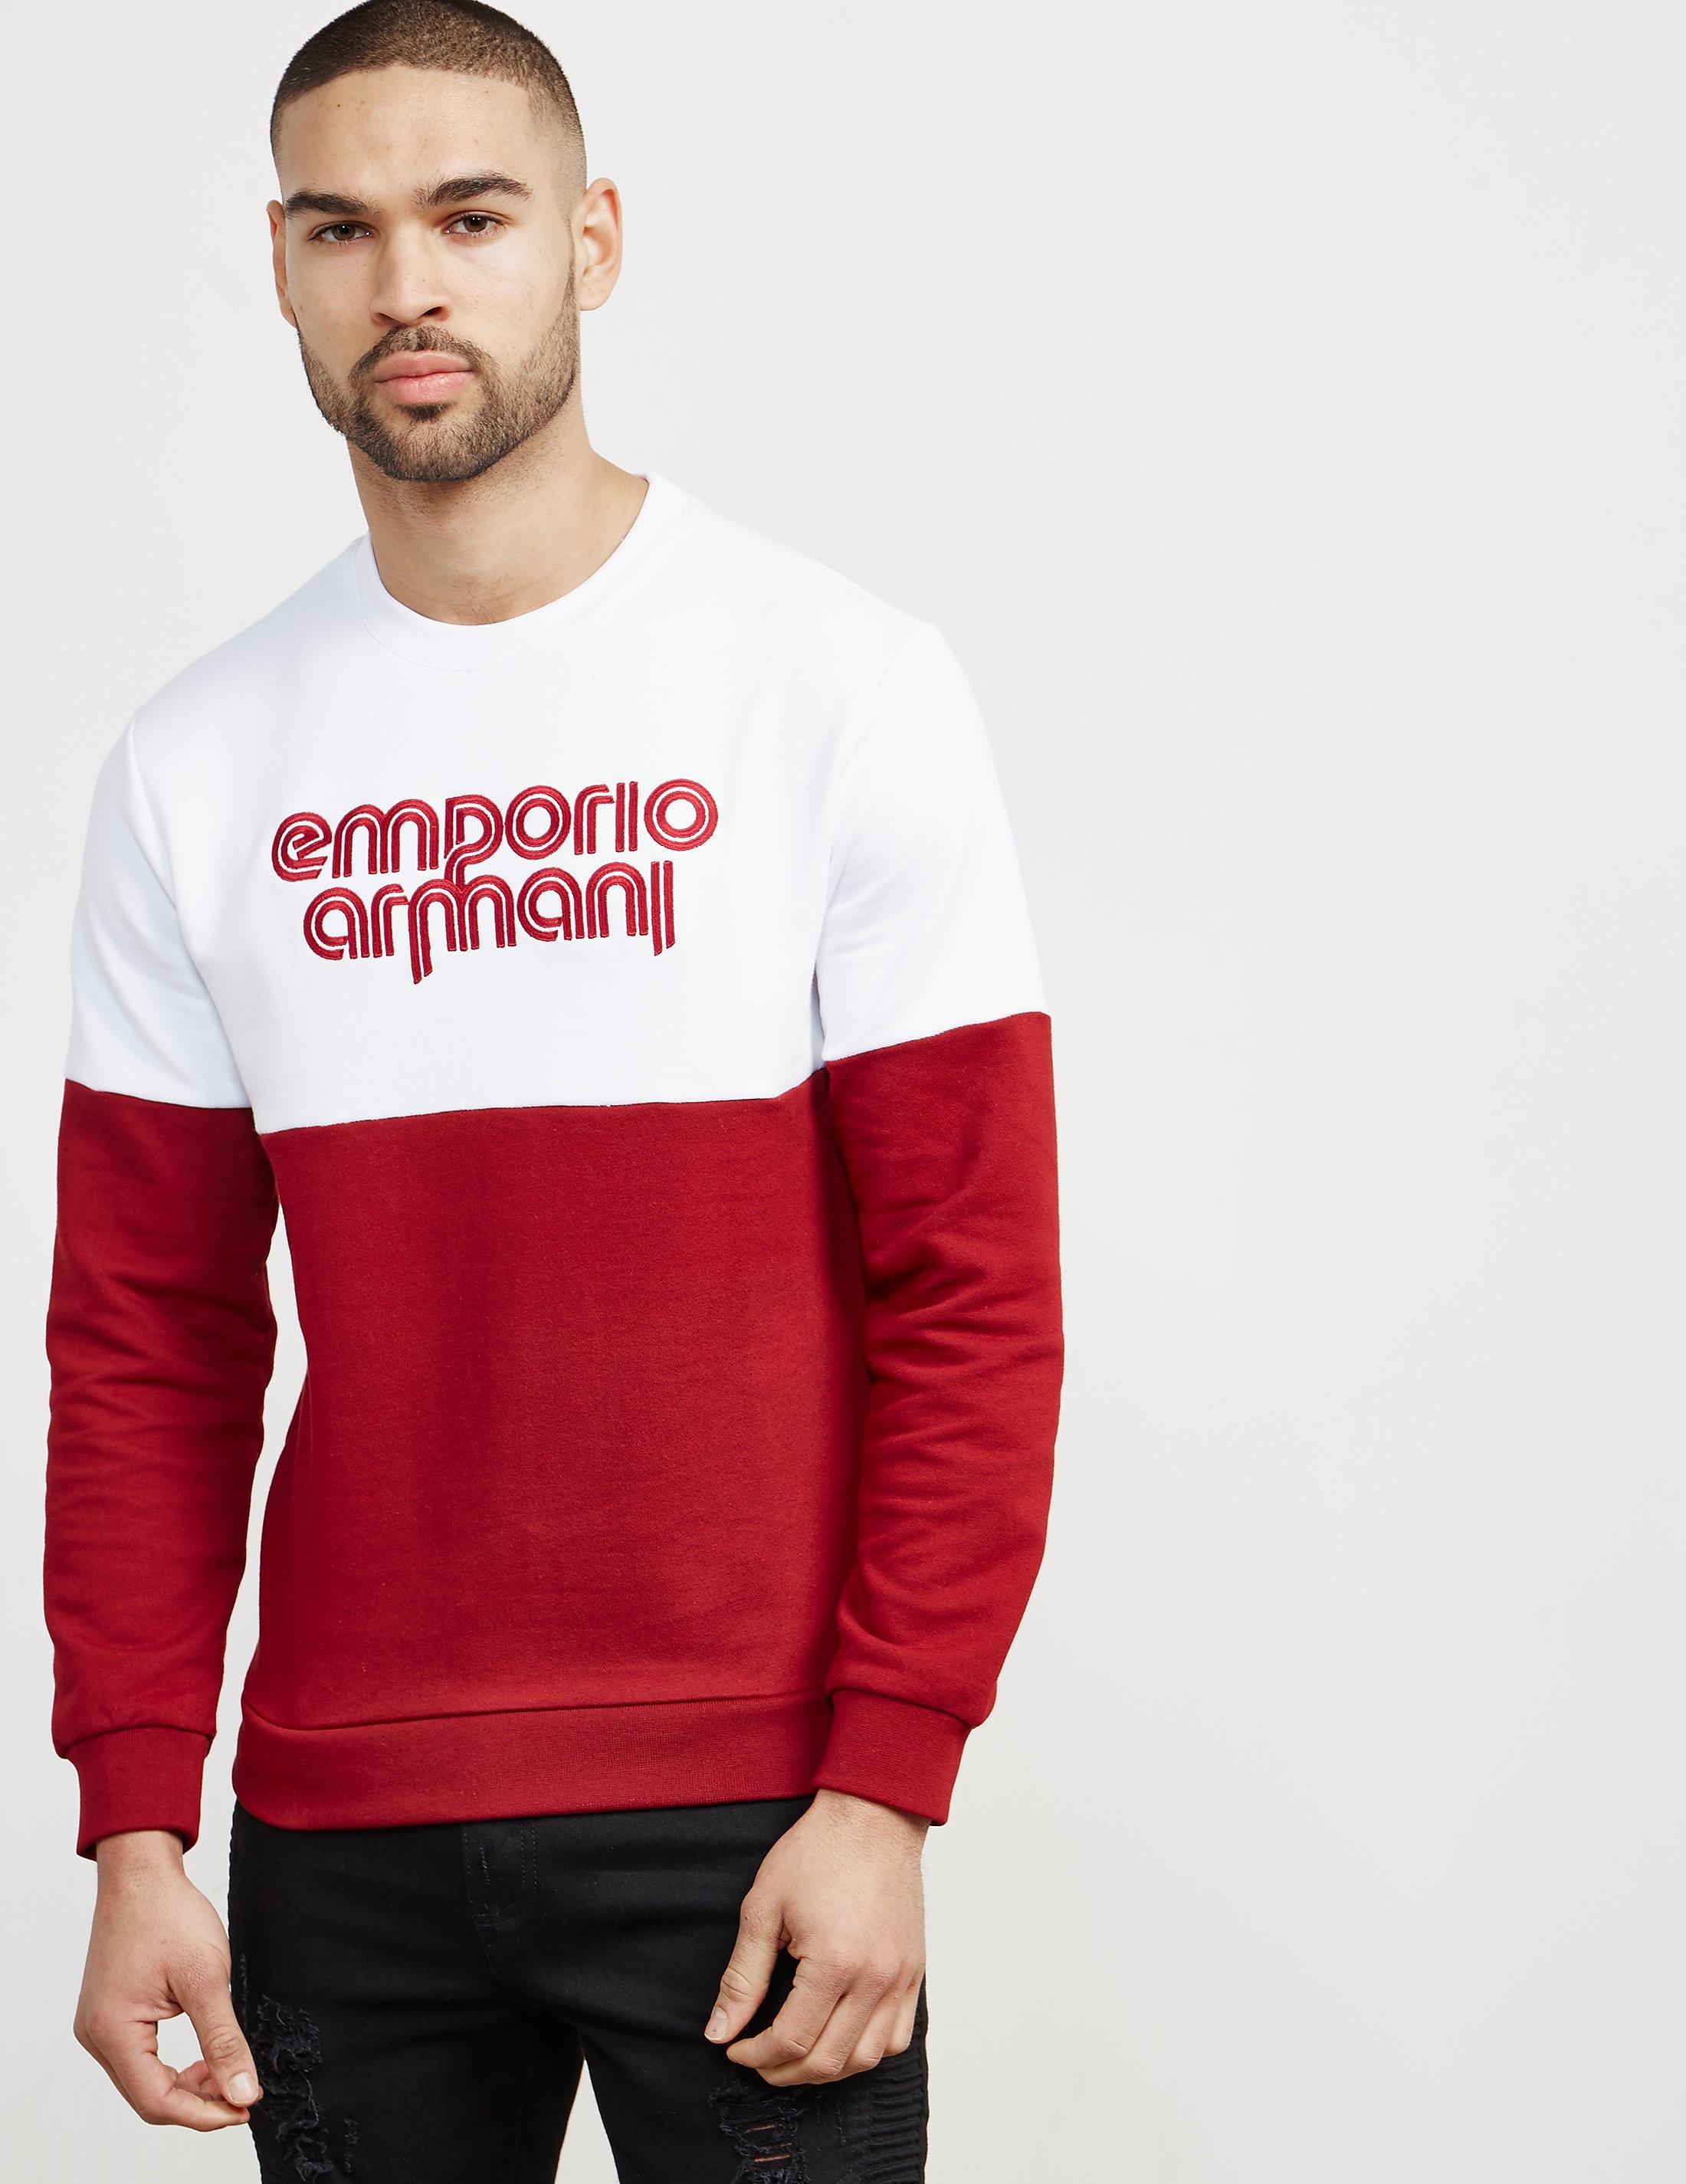 Emporio Armani Retro Sweatshirt